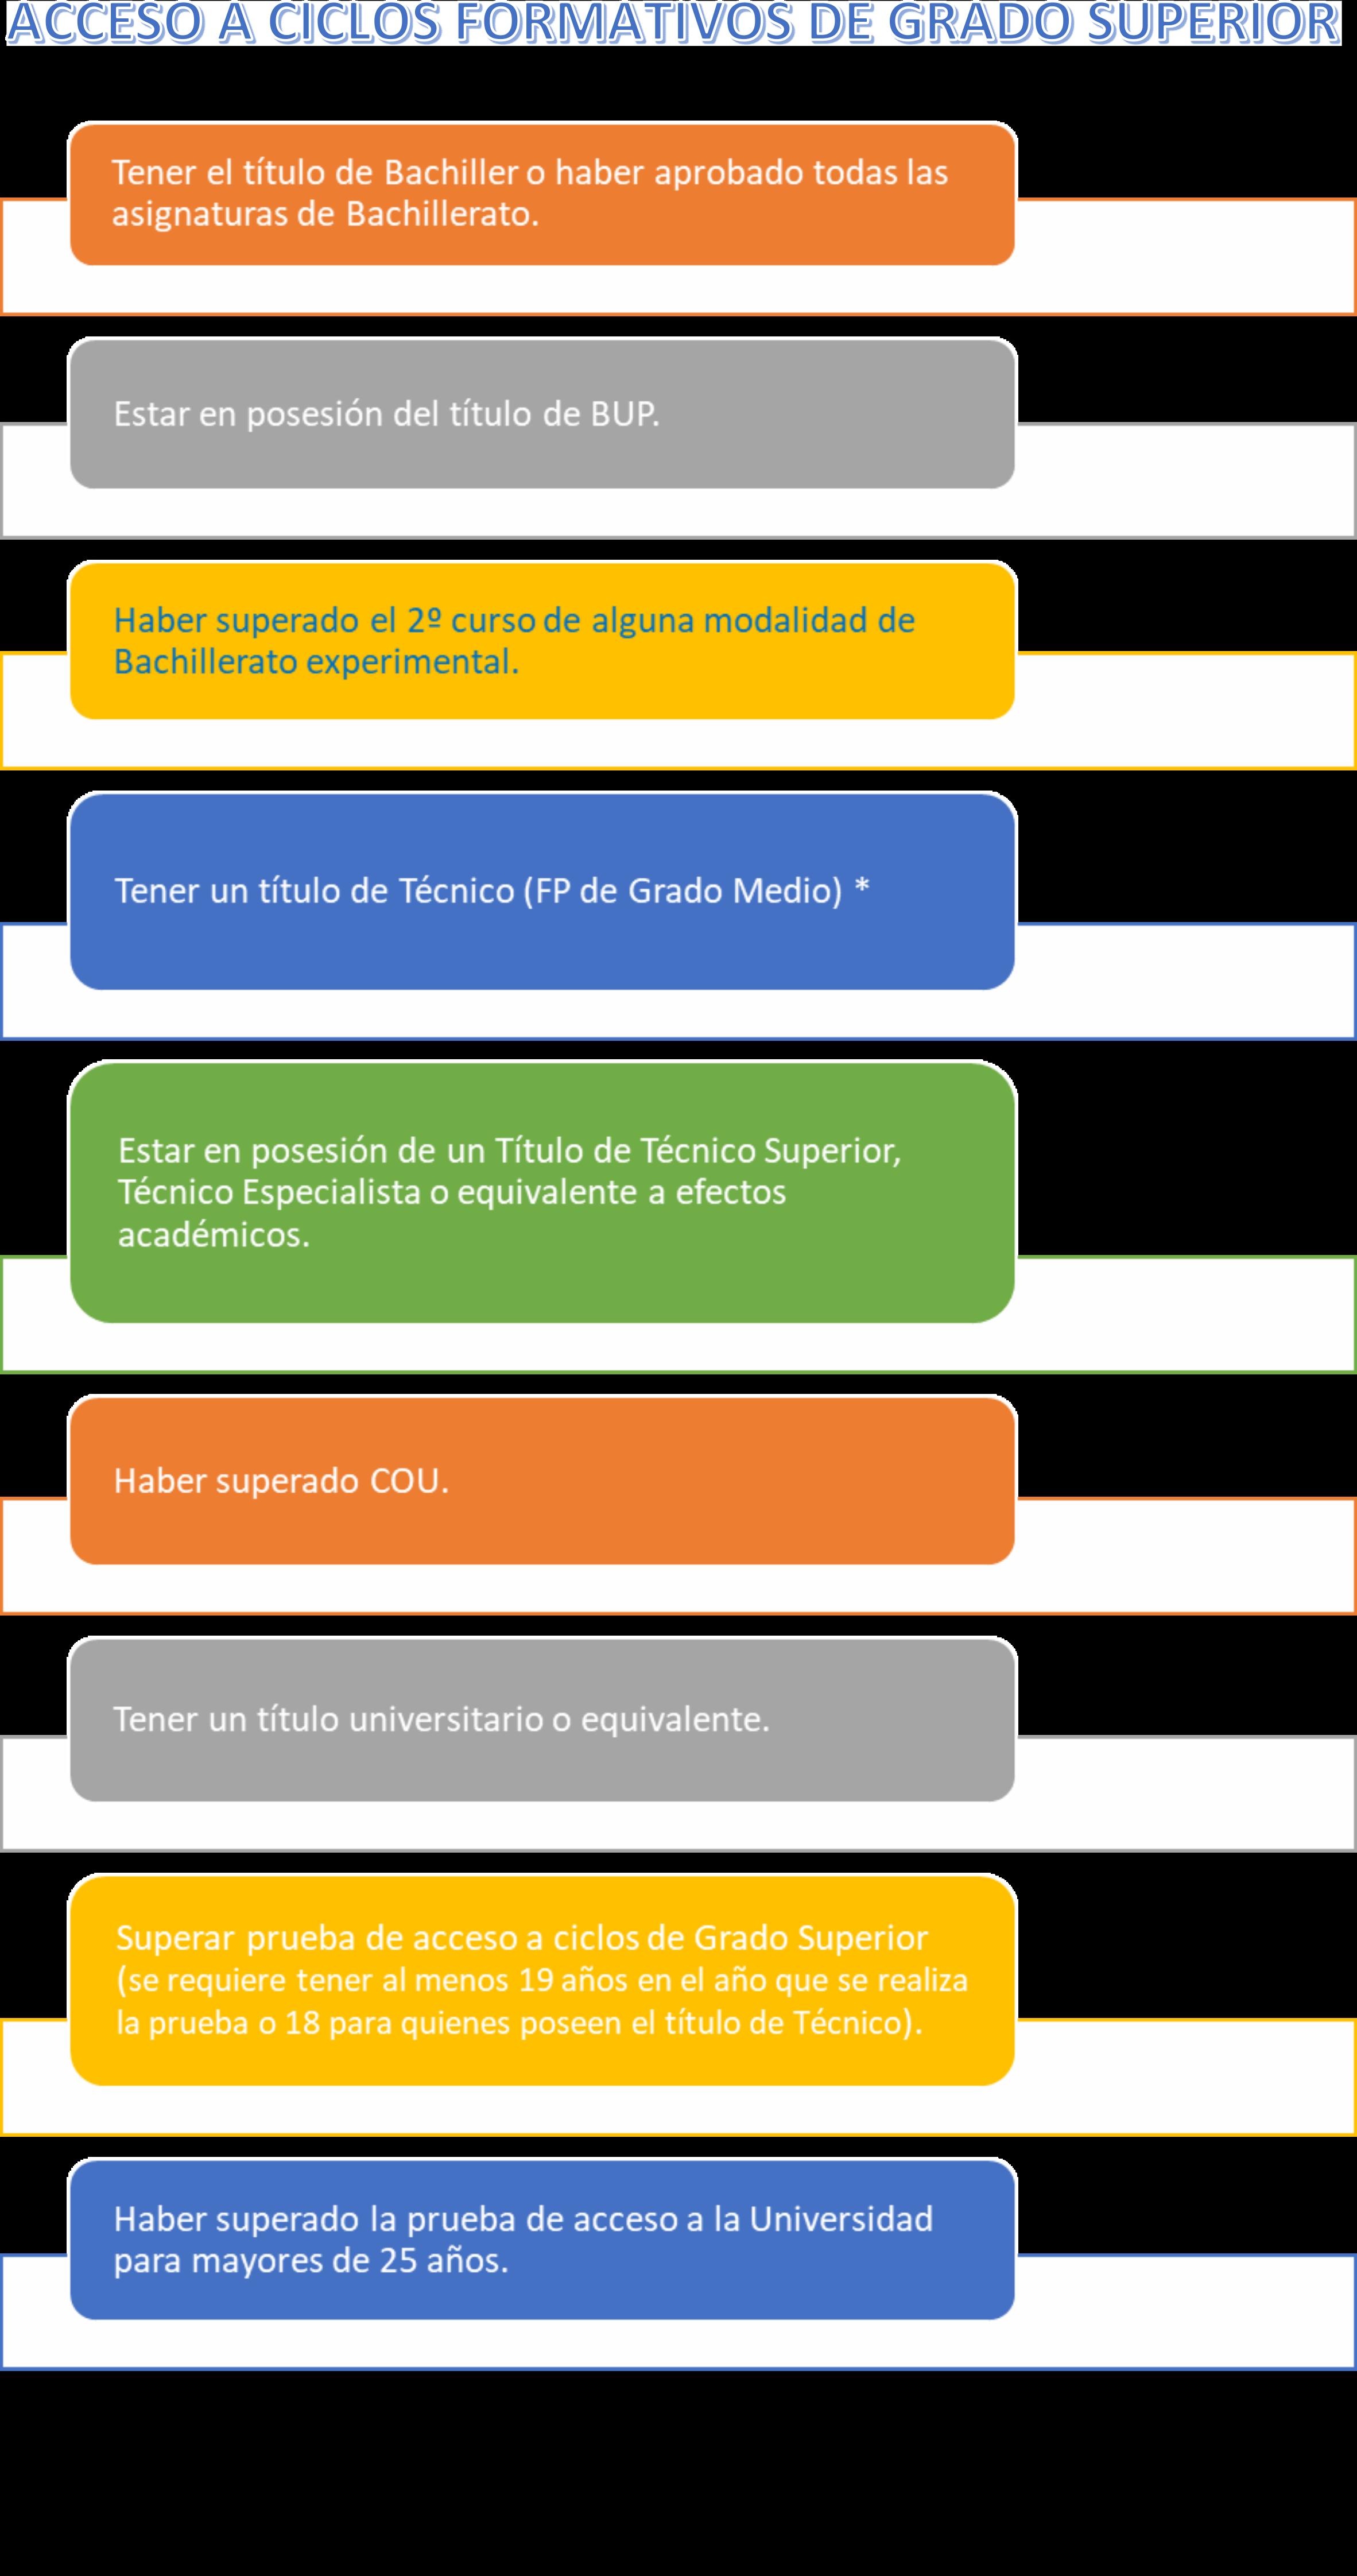 Acceso A Ciclos Formativos De Grado Medio Y Grado Superior